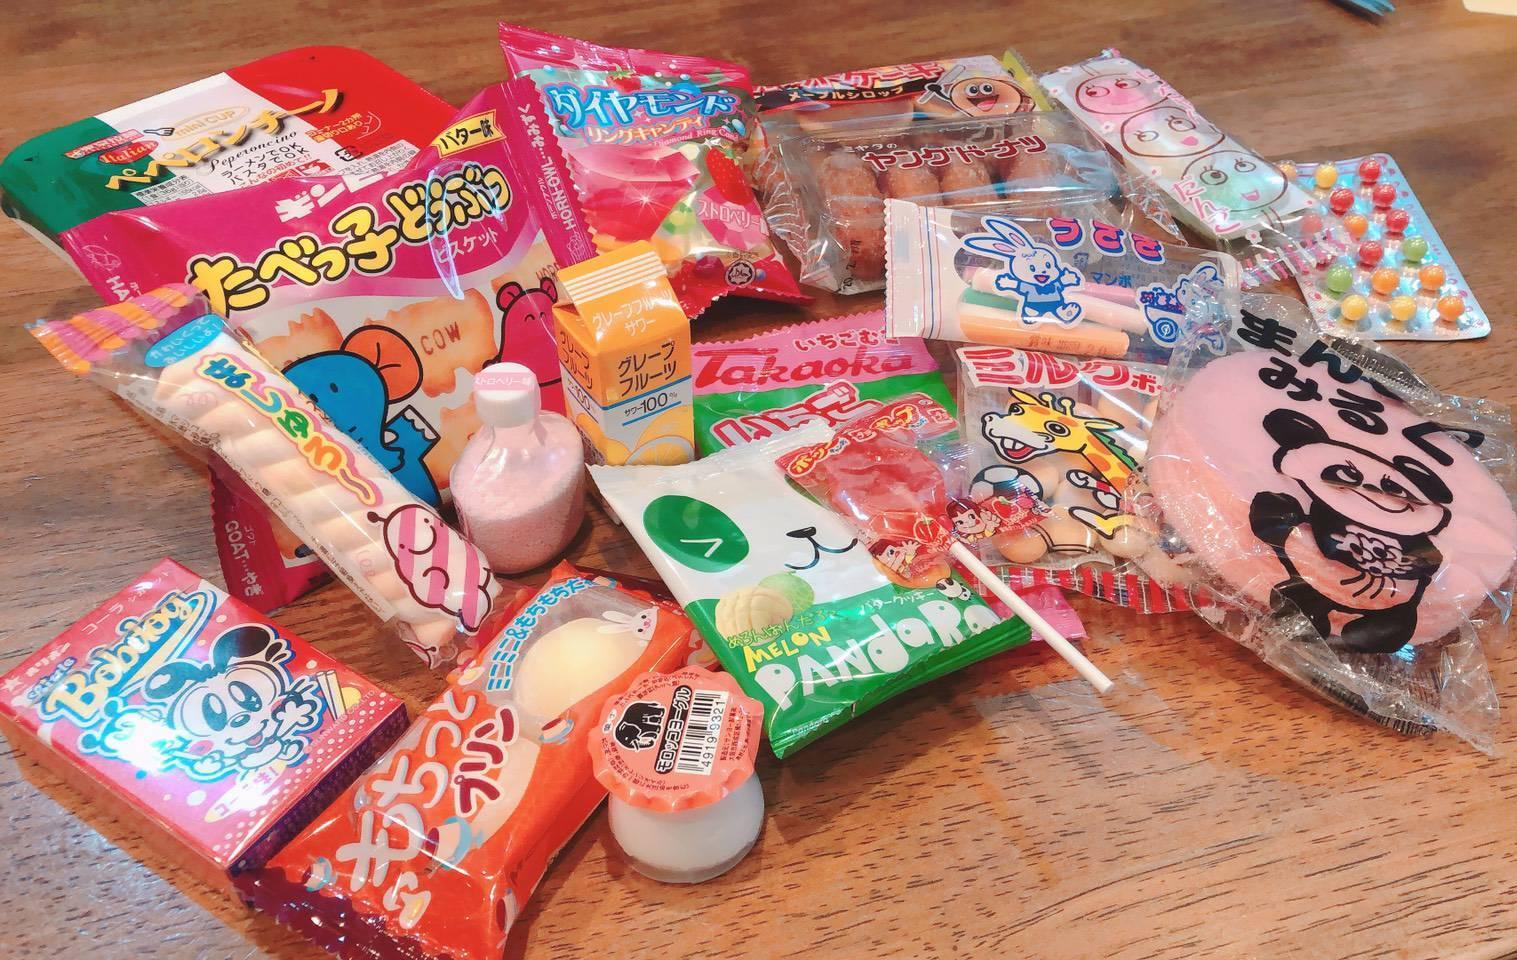 【プレゼントに最適】駄菓子屋さんのお菓子詰めあわせ500円(550円)分